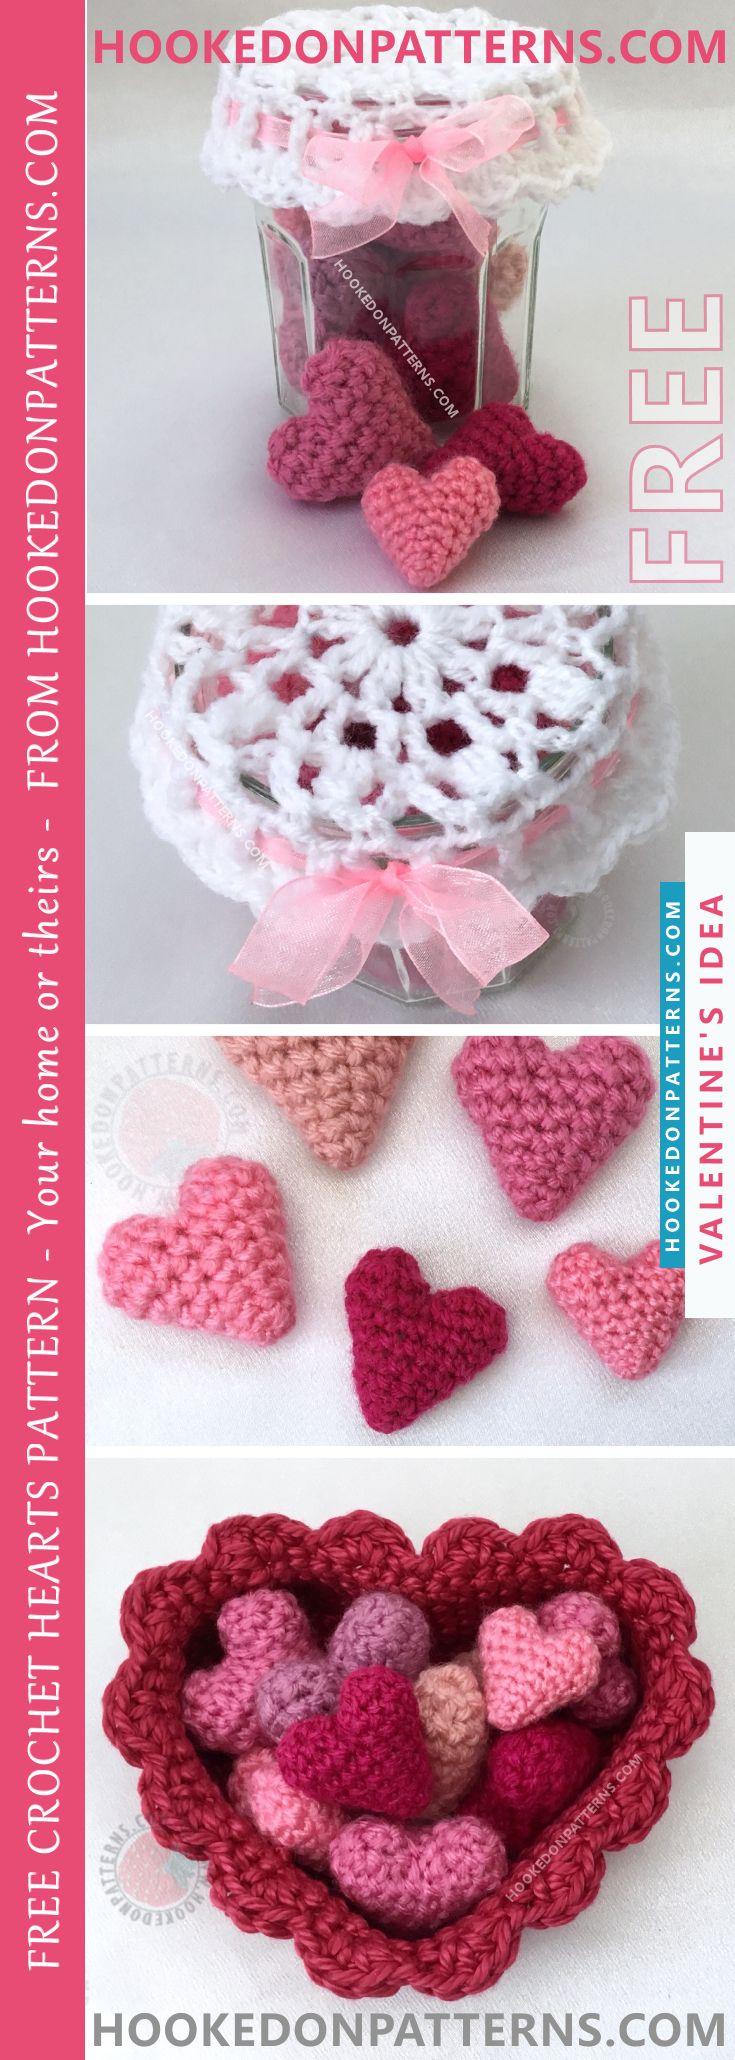 Free Crochet Hearts Pattern Jar Of Hearts Free Crochet Patterns